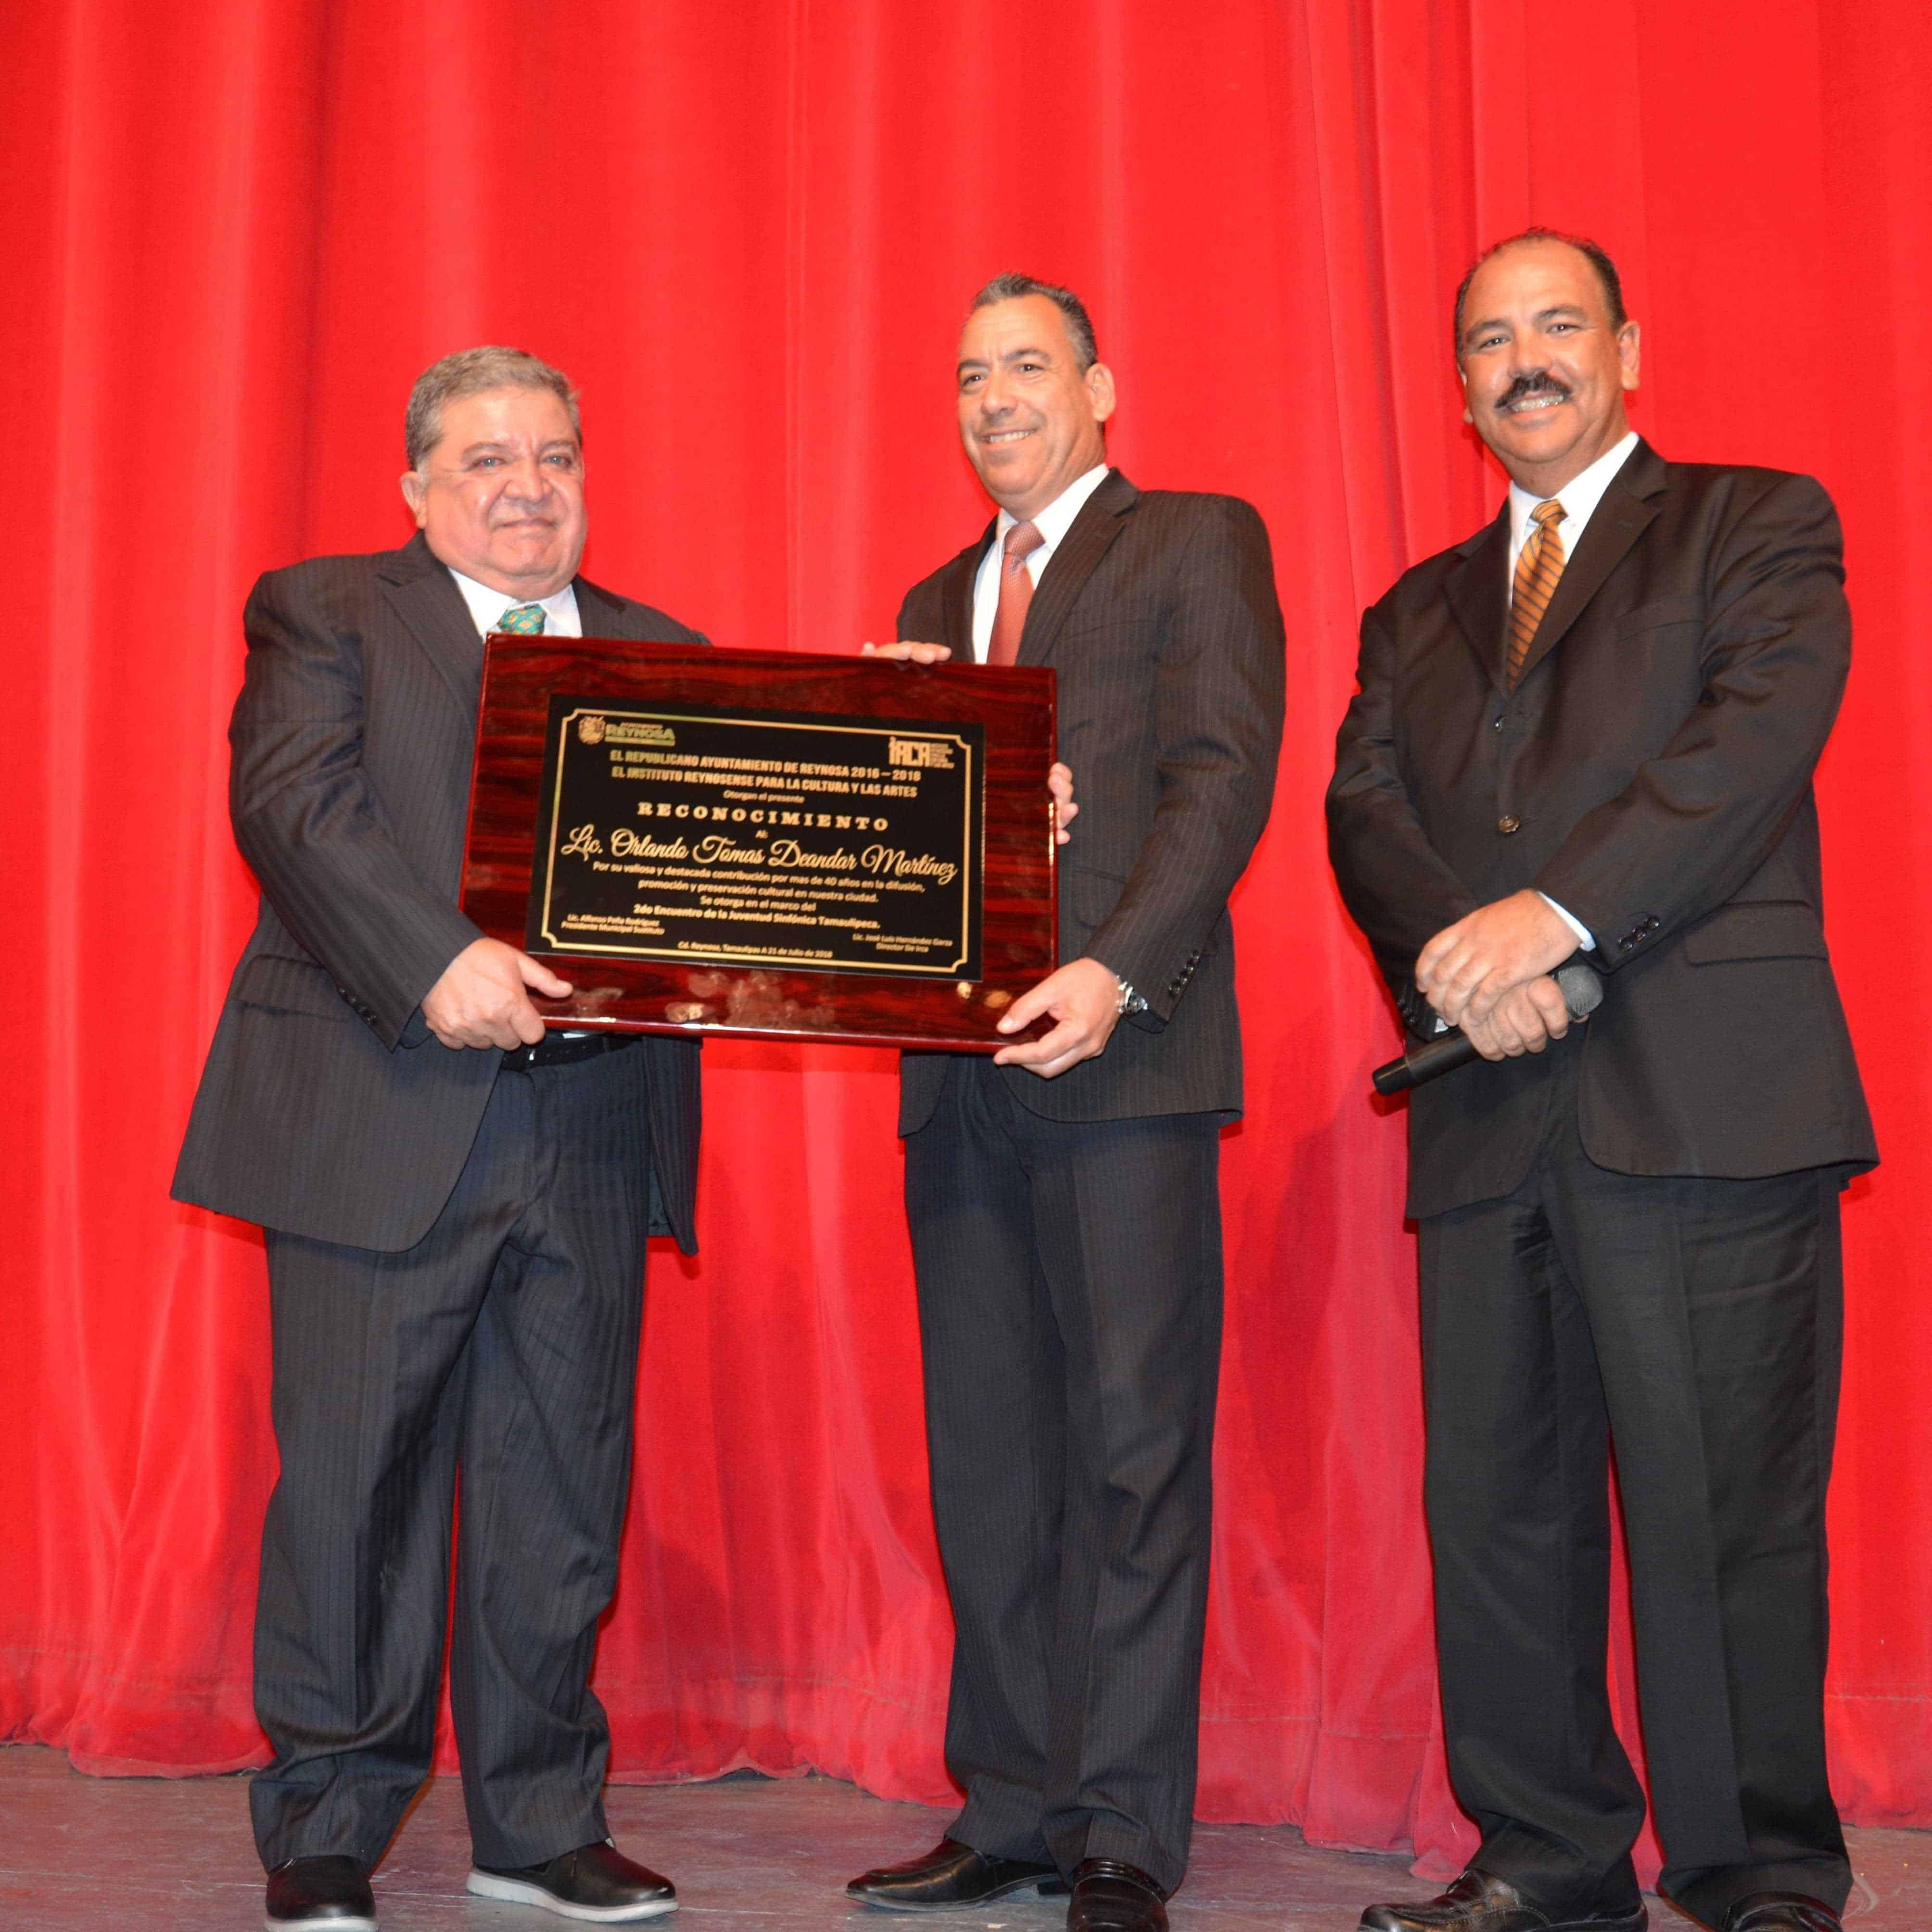 RECONOCEN. Lic. Orlando Deándar Martínez recibe distinción por 40 años de promover la cultura en Reynosa.